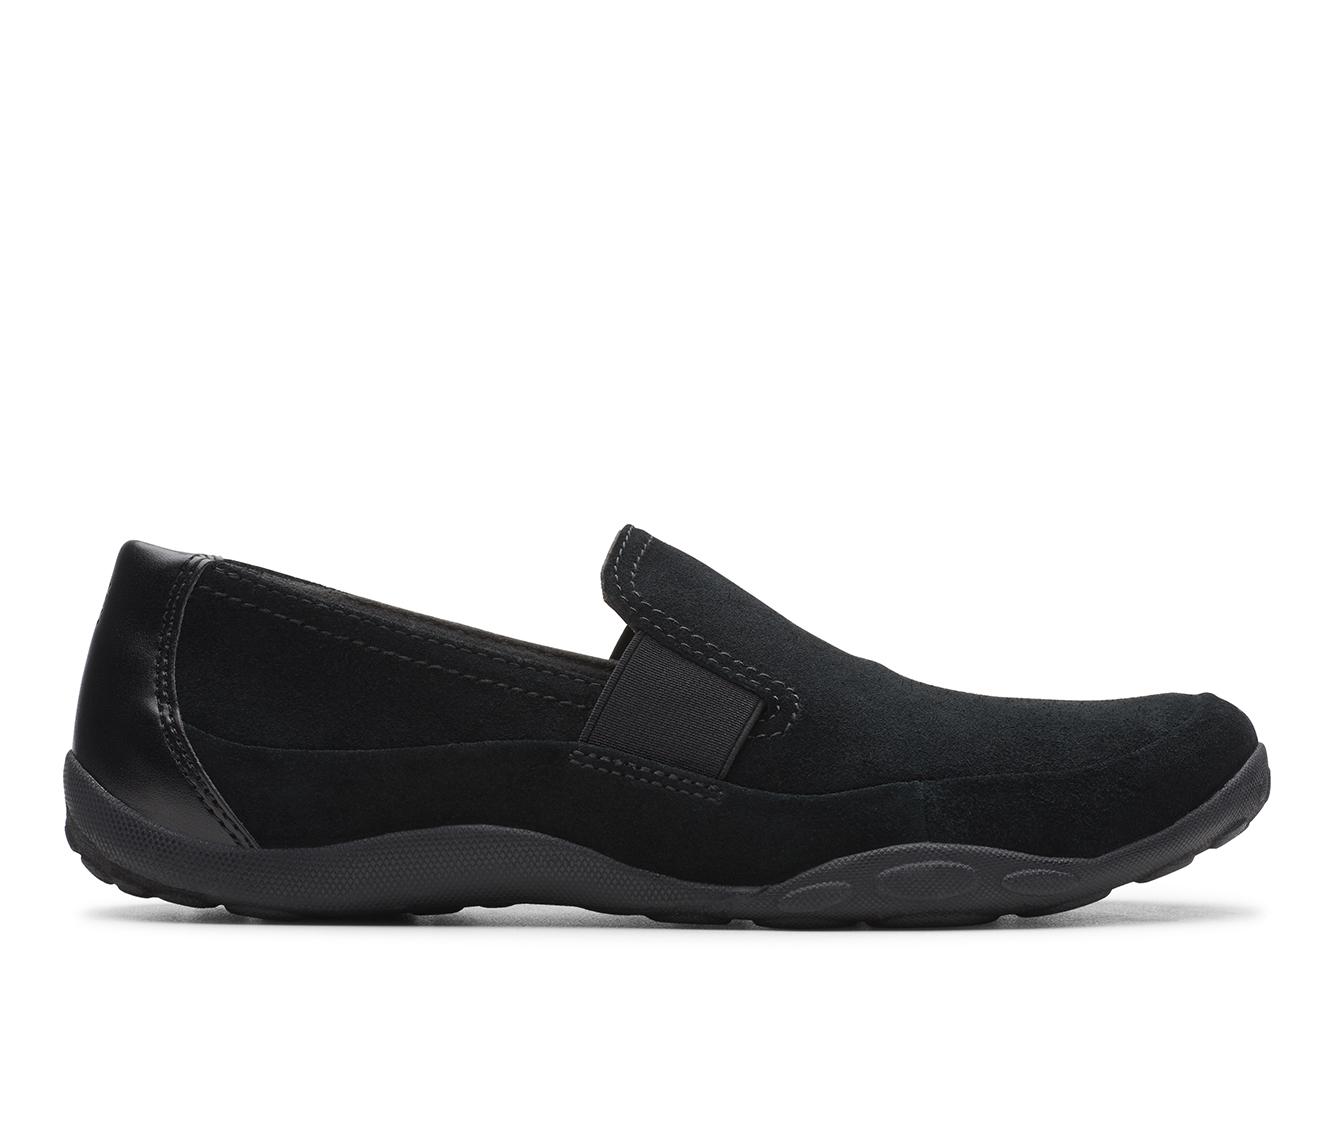 Clarks Haley Park Women's Shoe (Black Suede)